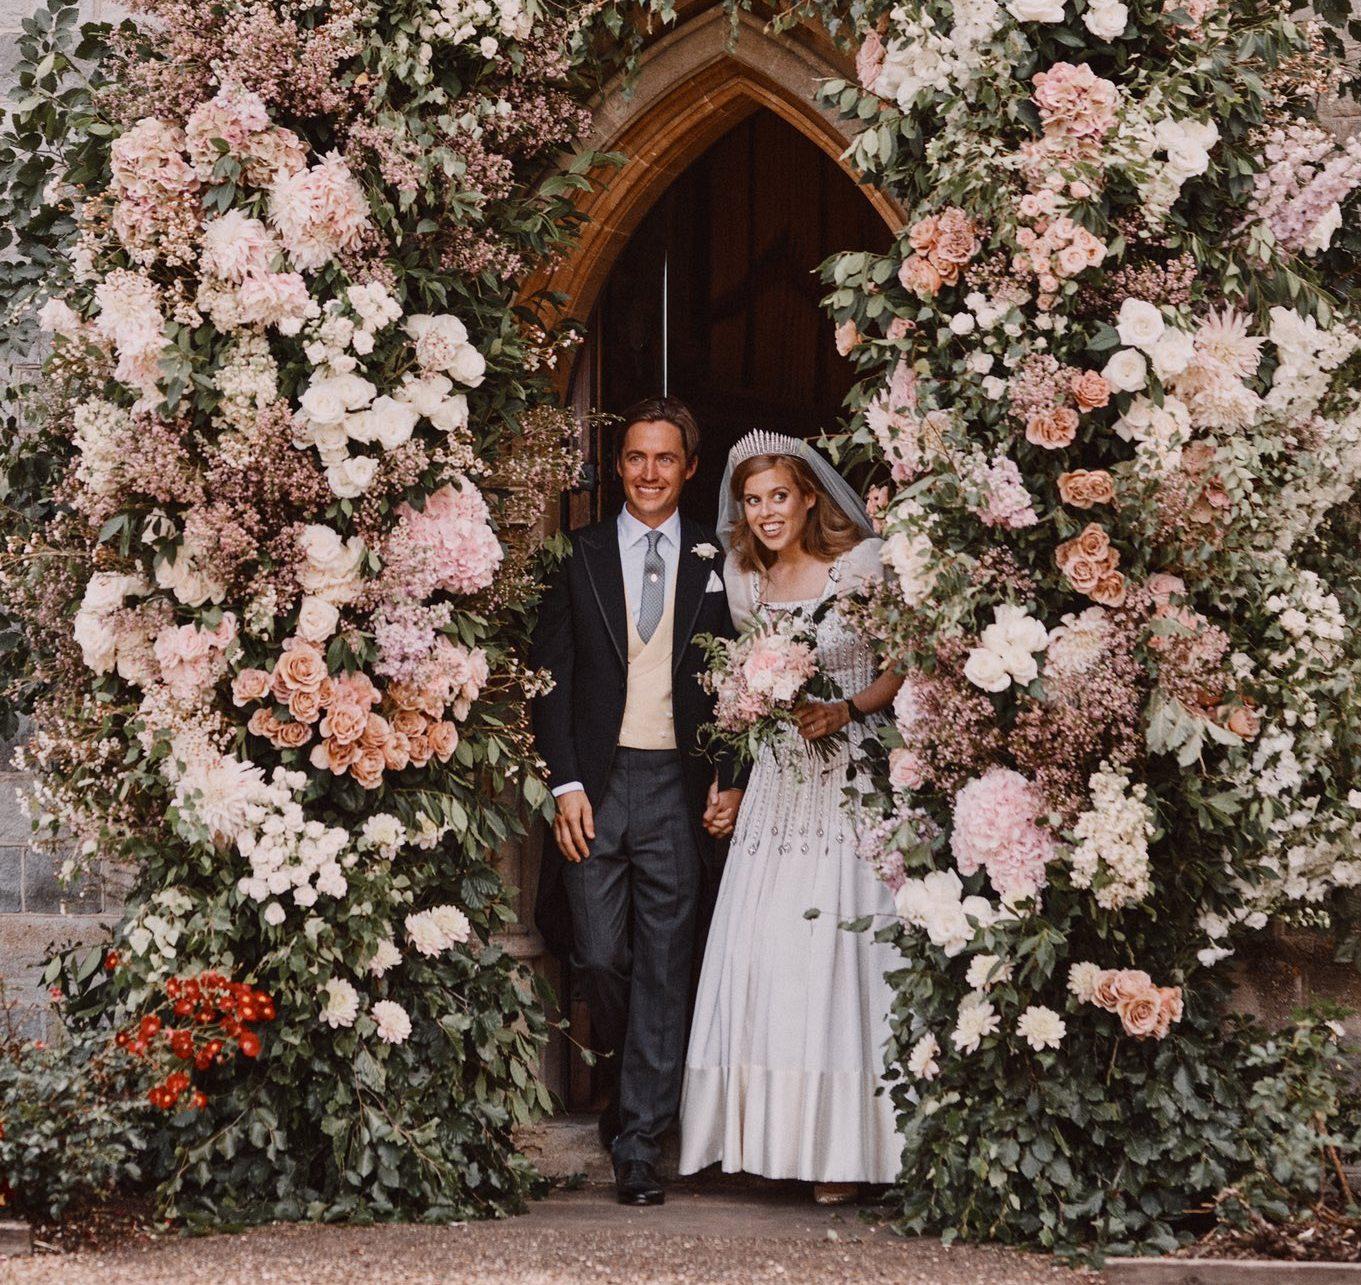 O casamento da princesa Beatrice com o italiano Edoardo Mapelli Mozzi